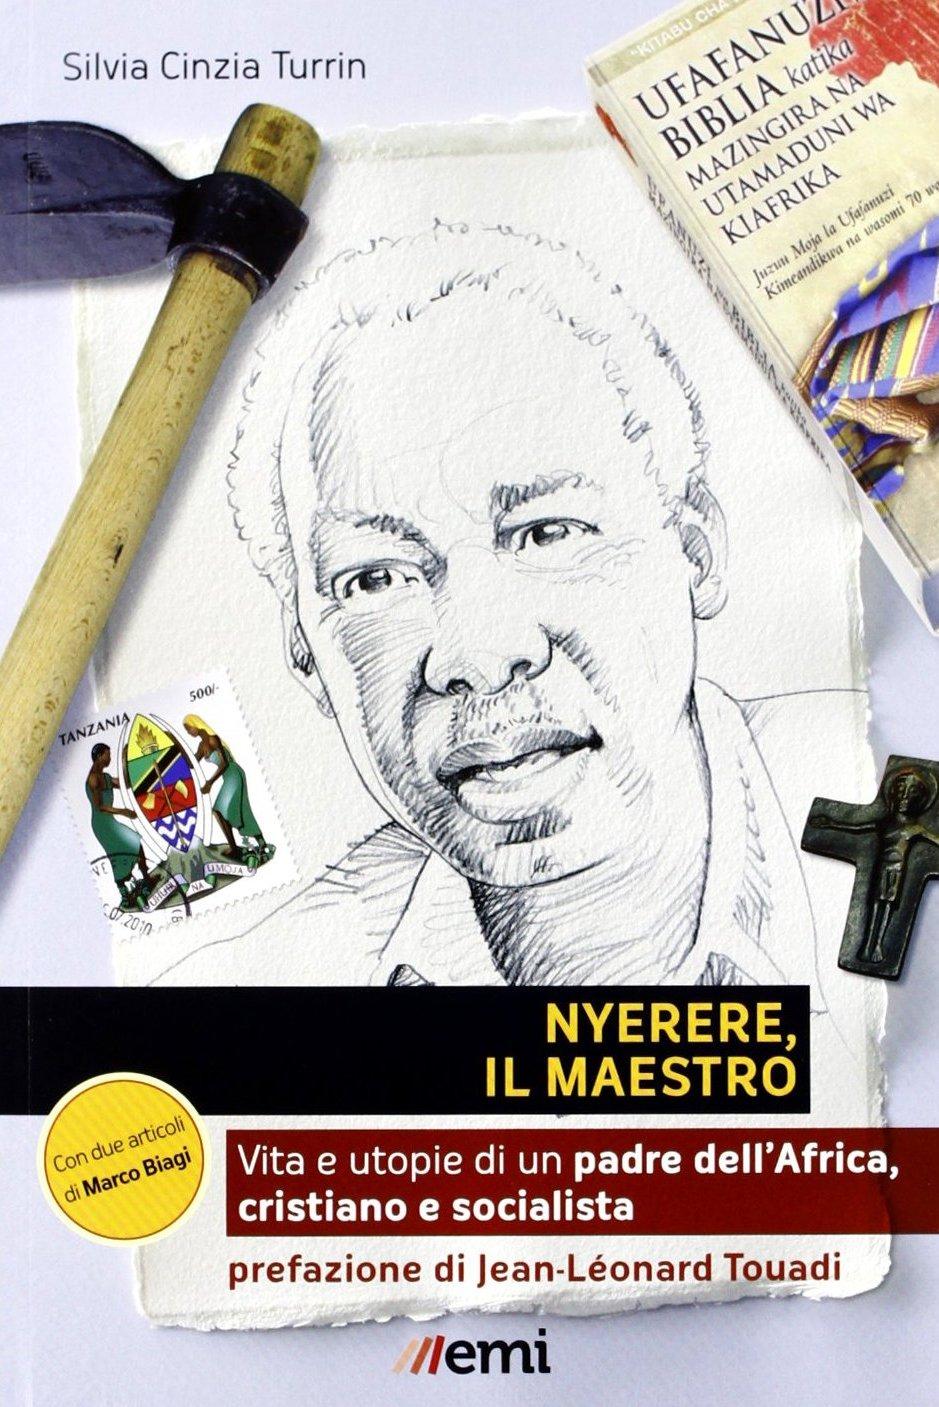 Nyerere, il maestro